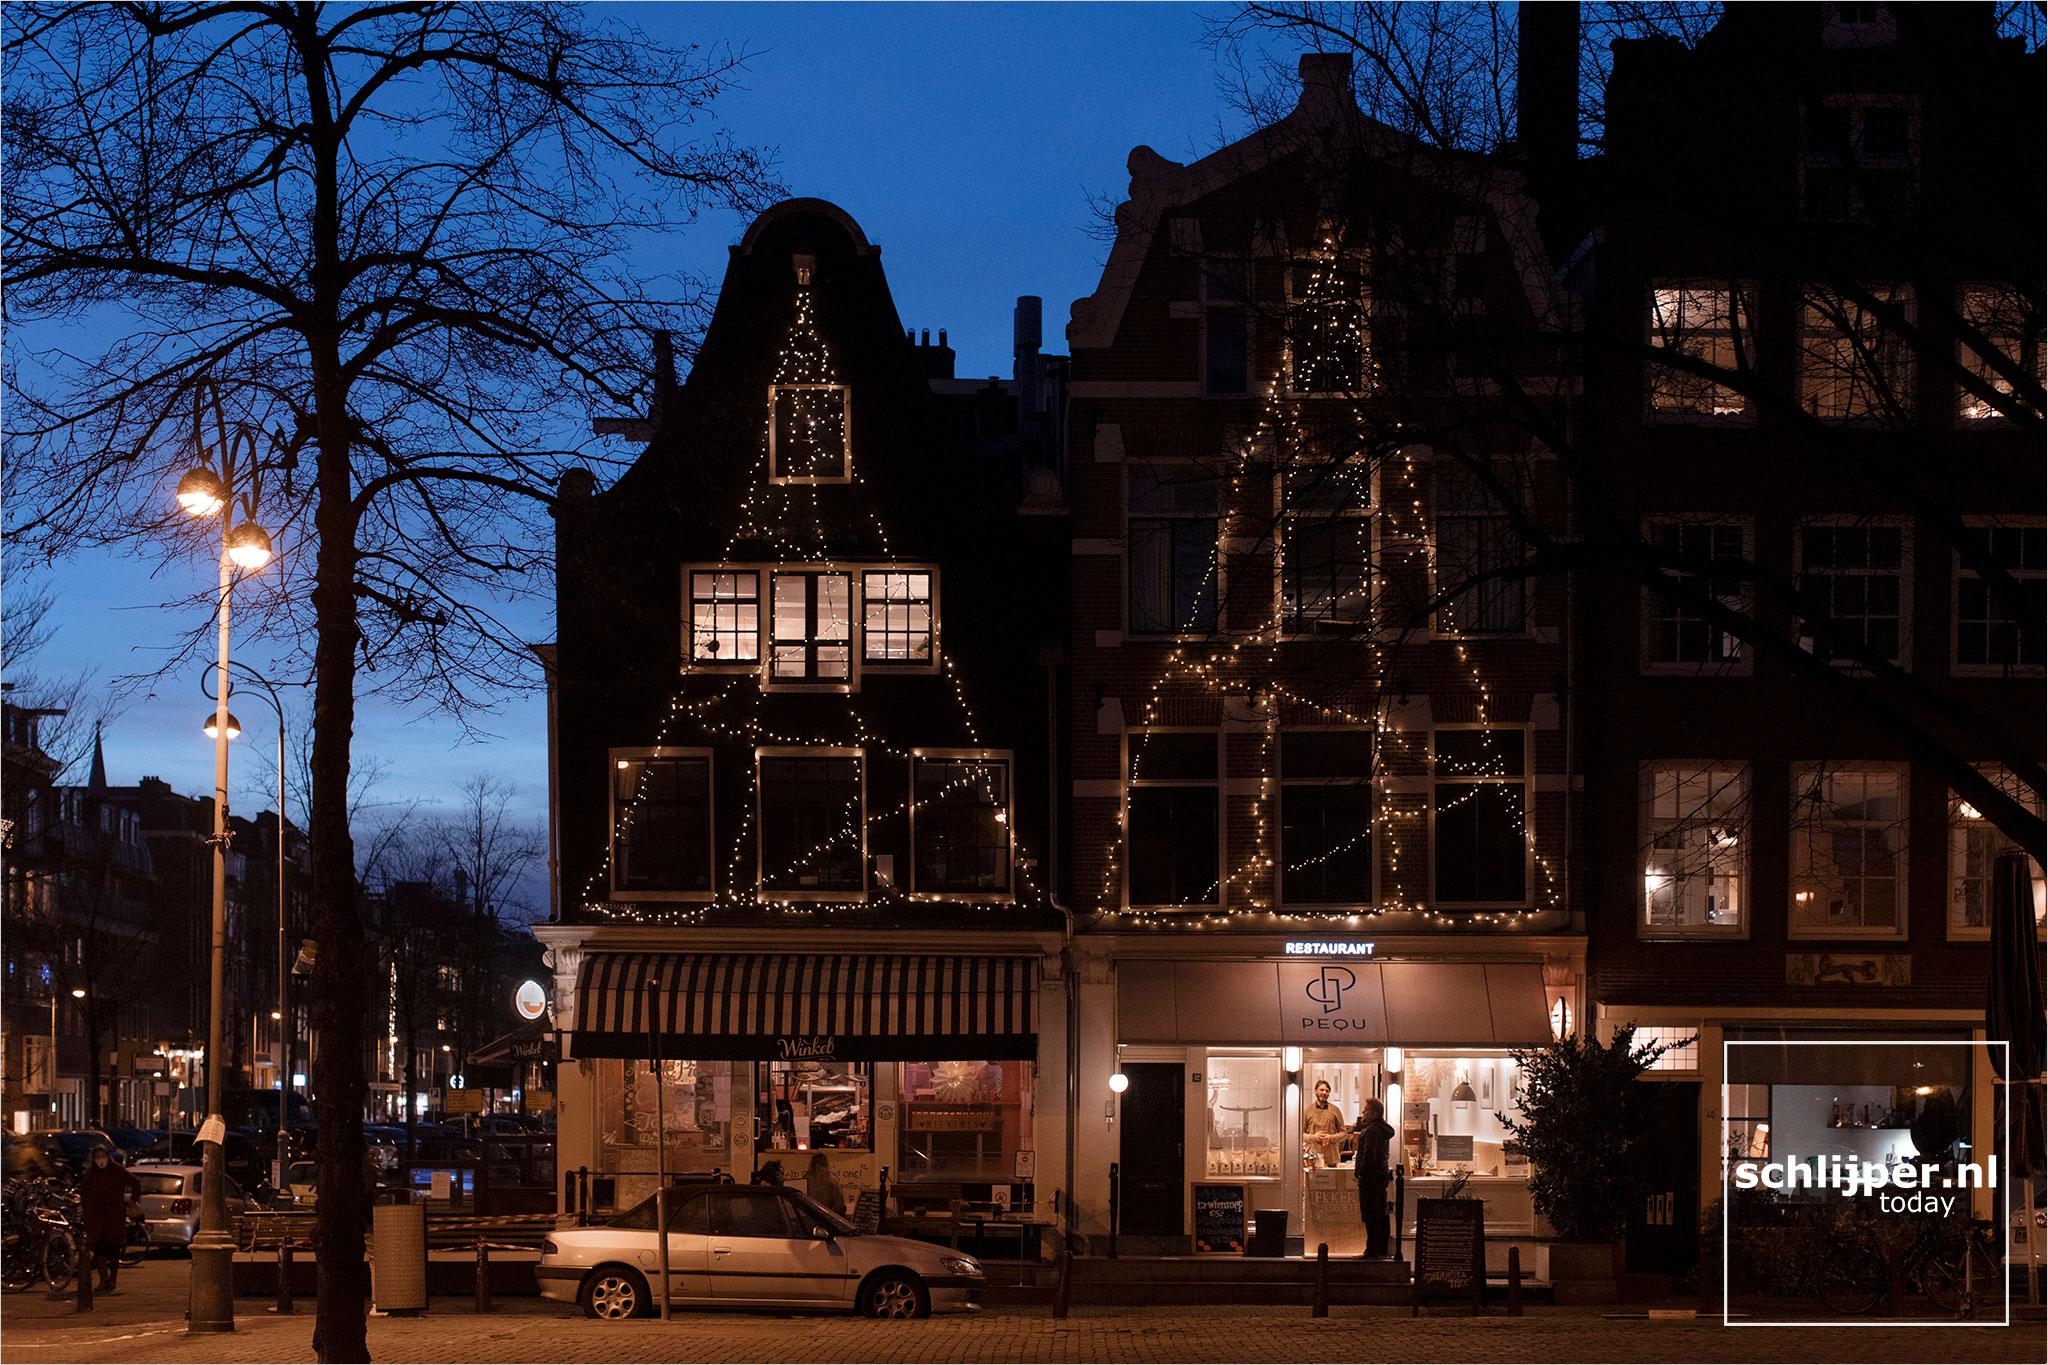 Nederland, Amsterdam, 24 november 2020